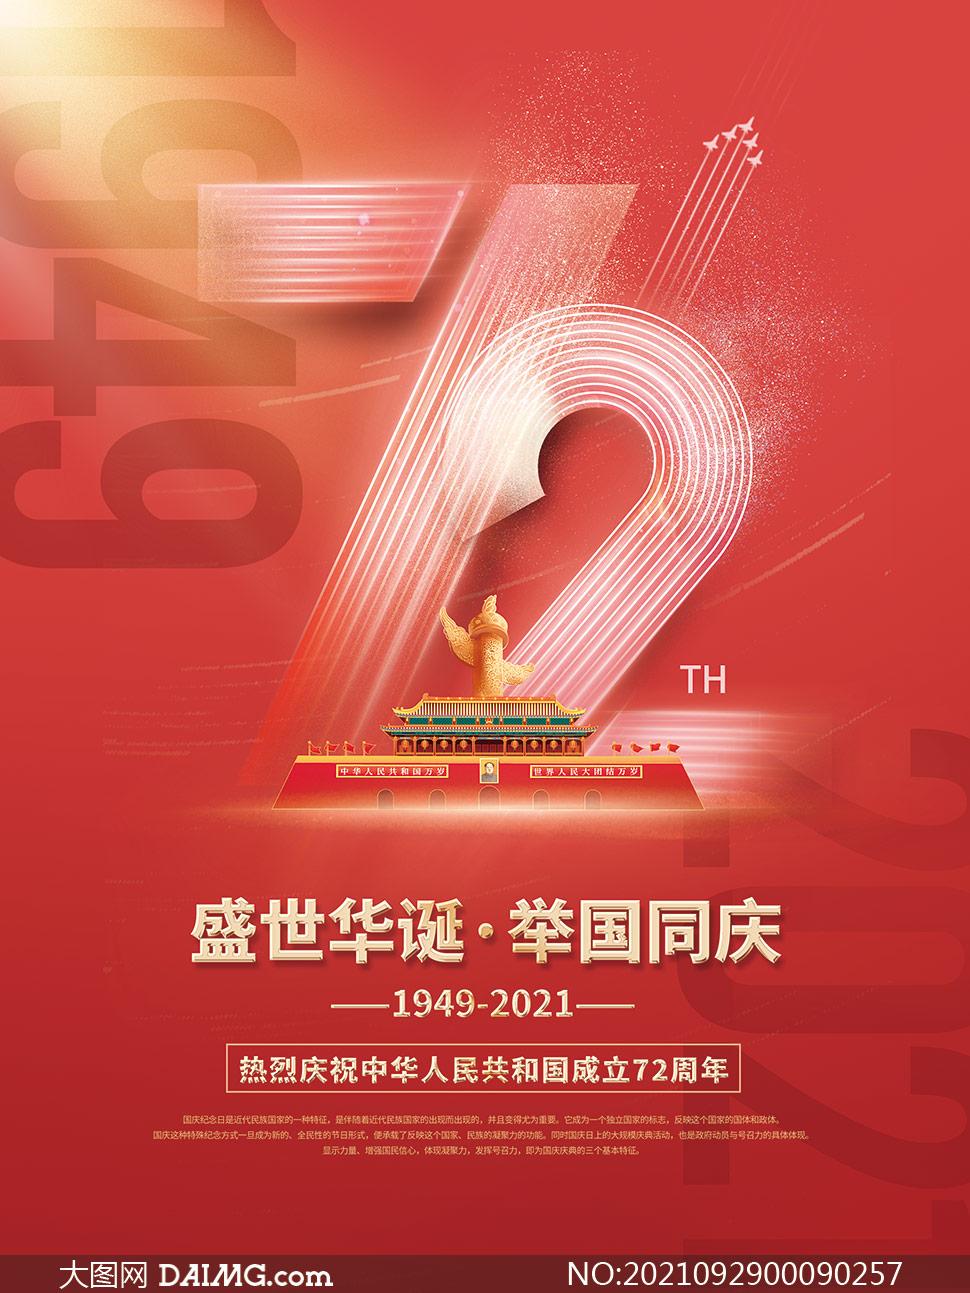 盛世华诞举国同庆72周年海报PSD模板